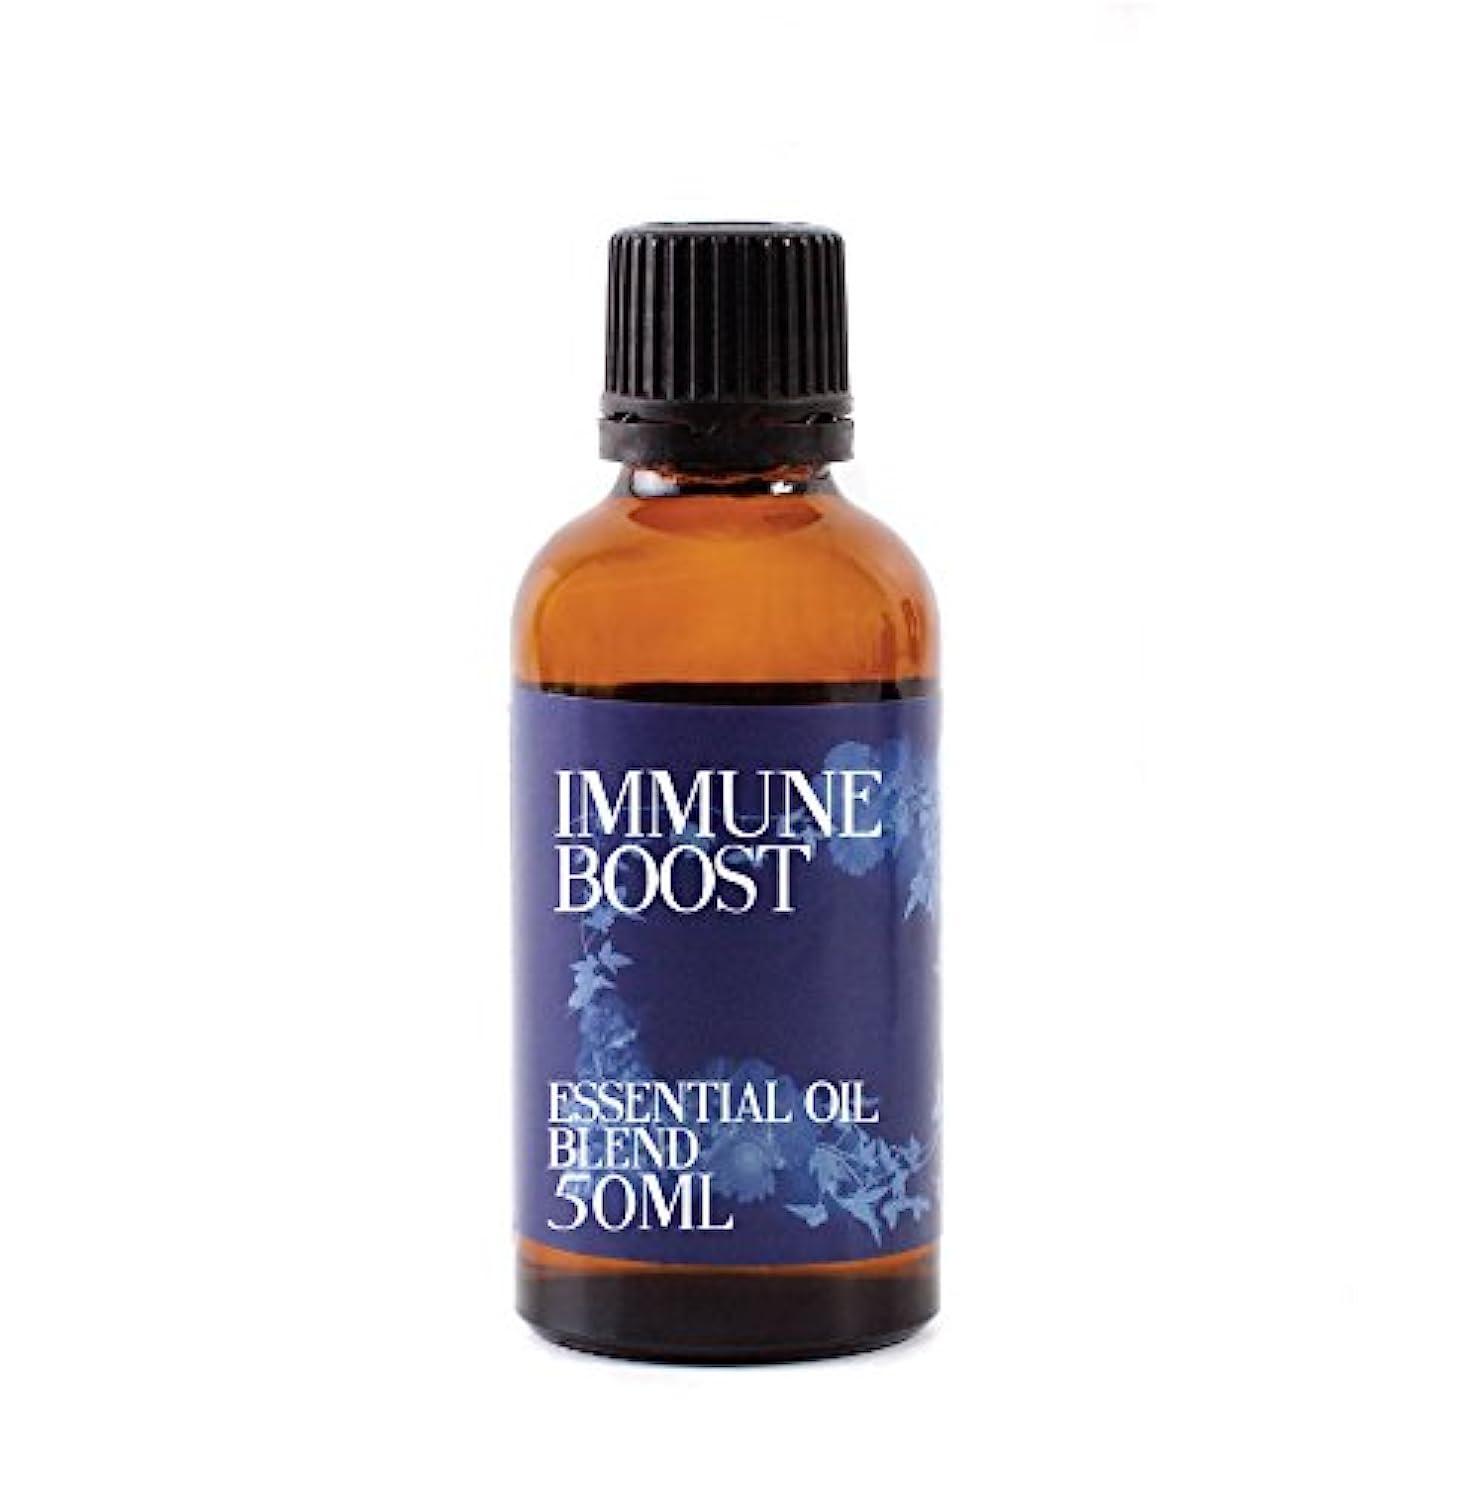 マルクス主義者世界酔ったMystic Moments | Immune Boost Essential Oil Blend - 50ml - 100% Pure